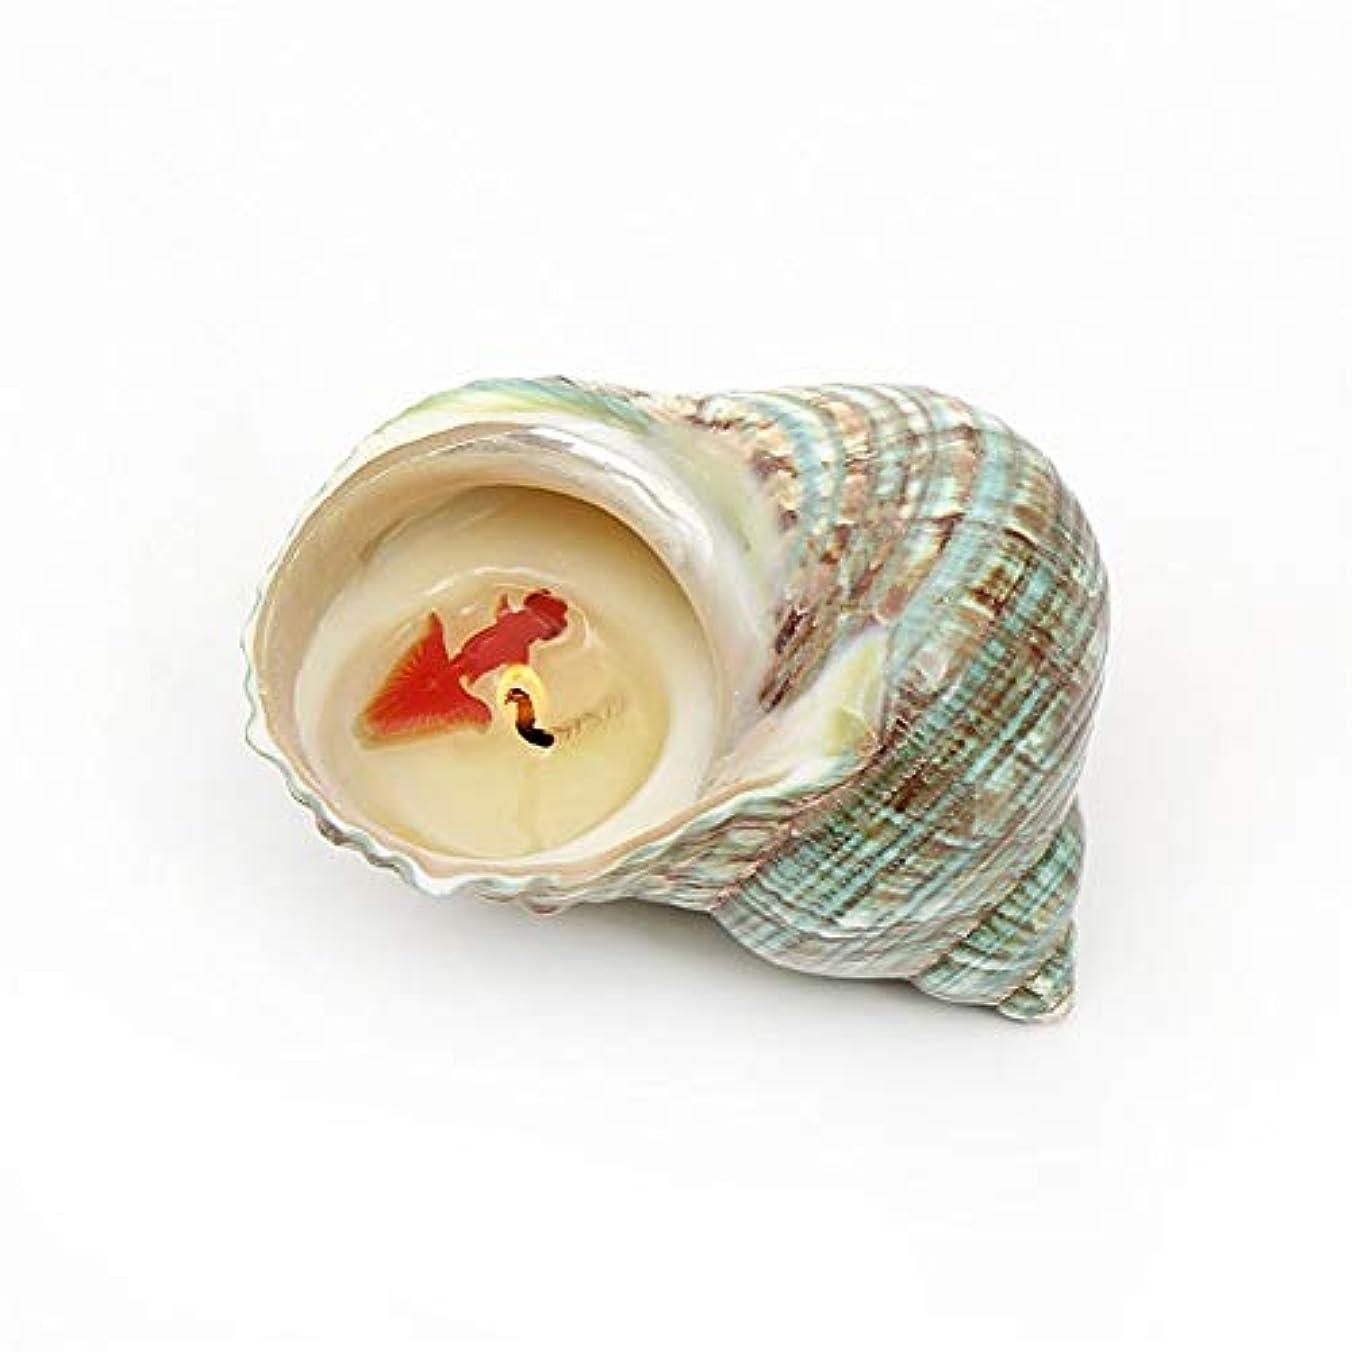 スツール大胆な三十Guomao 手作りのシェル金魚の香りキャンドルカップ誕生日プレゼントロマンチックな告白結婚式の装飾 (色 : Sweet peach)